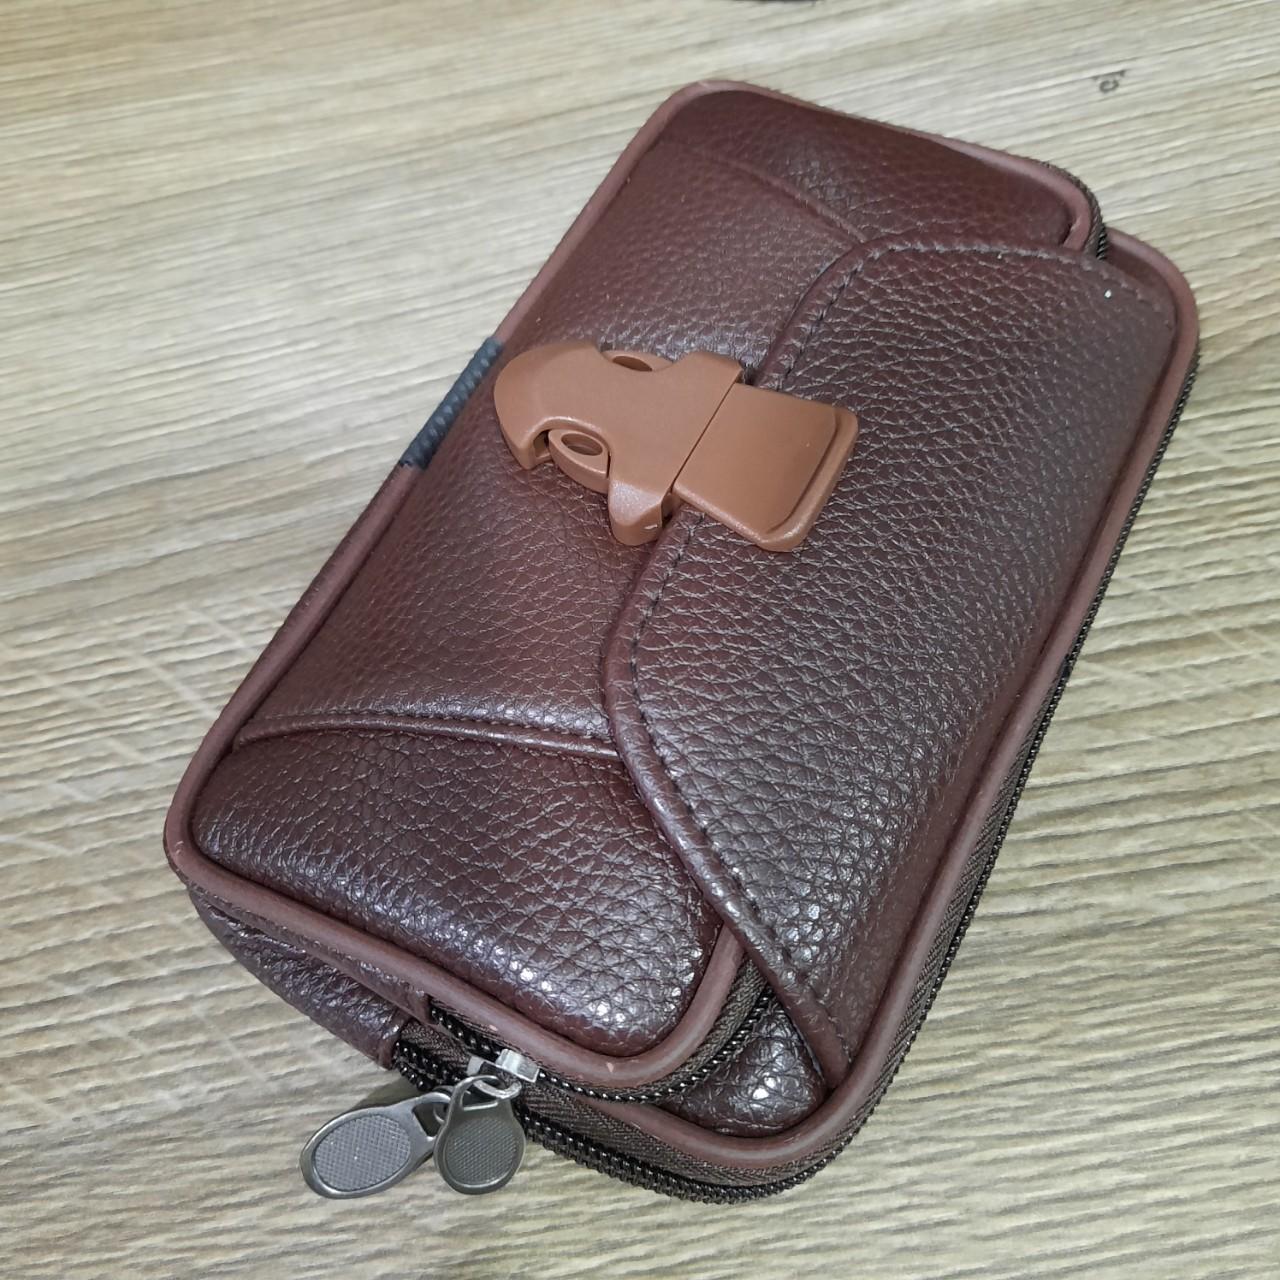 Túi đeo ngang hông da đựng điện thoại Zipper thời trang cao cấp KMD3 Shalla (túi đeo ngang hông da đựng điện thoại giá sỉ)